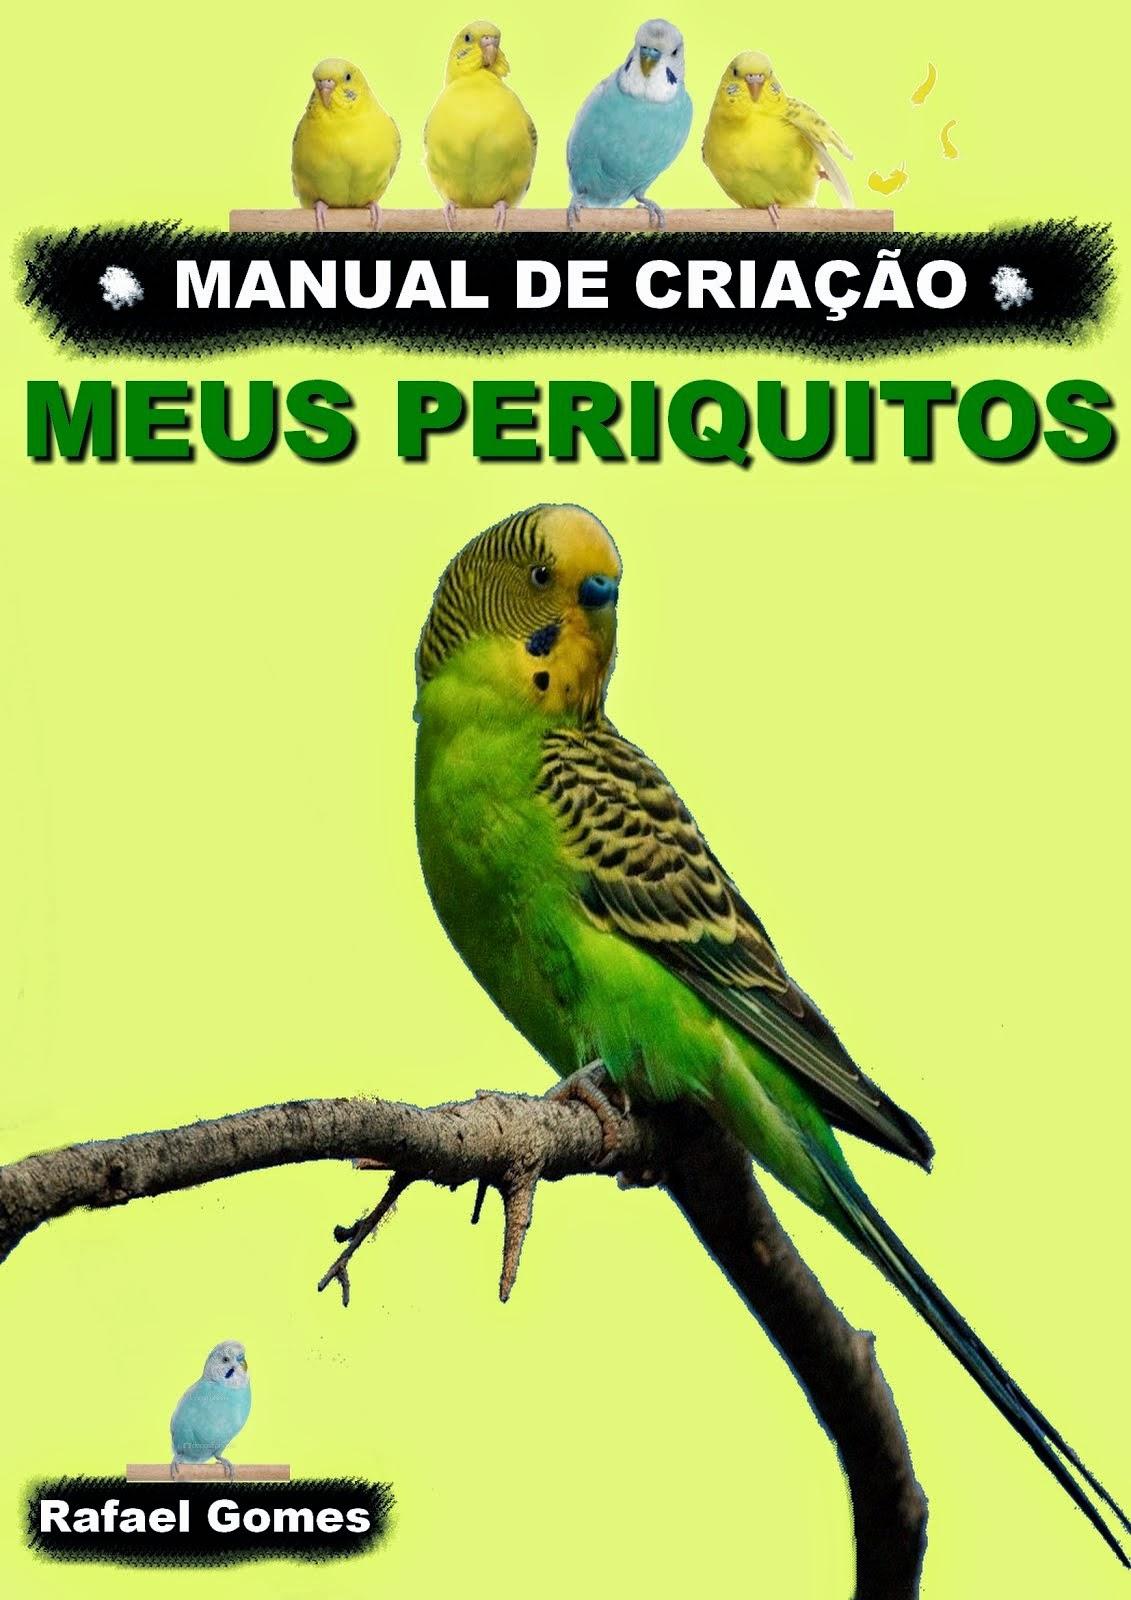 Ebook: Manual de Criação - Meus Periquitos - Promoção